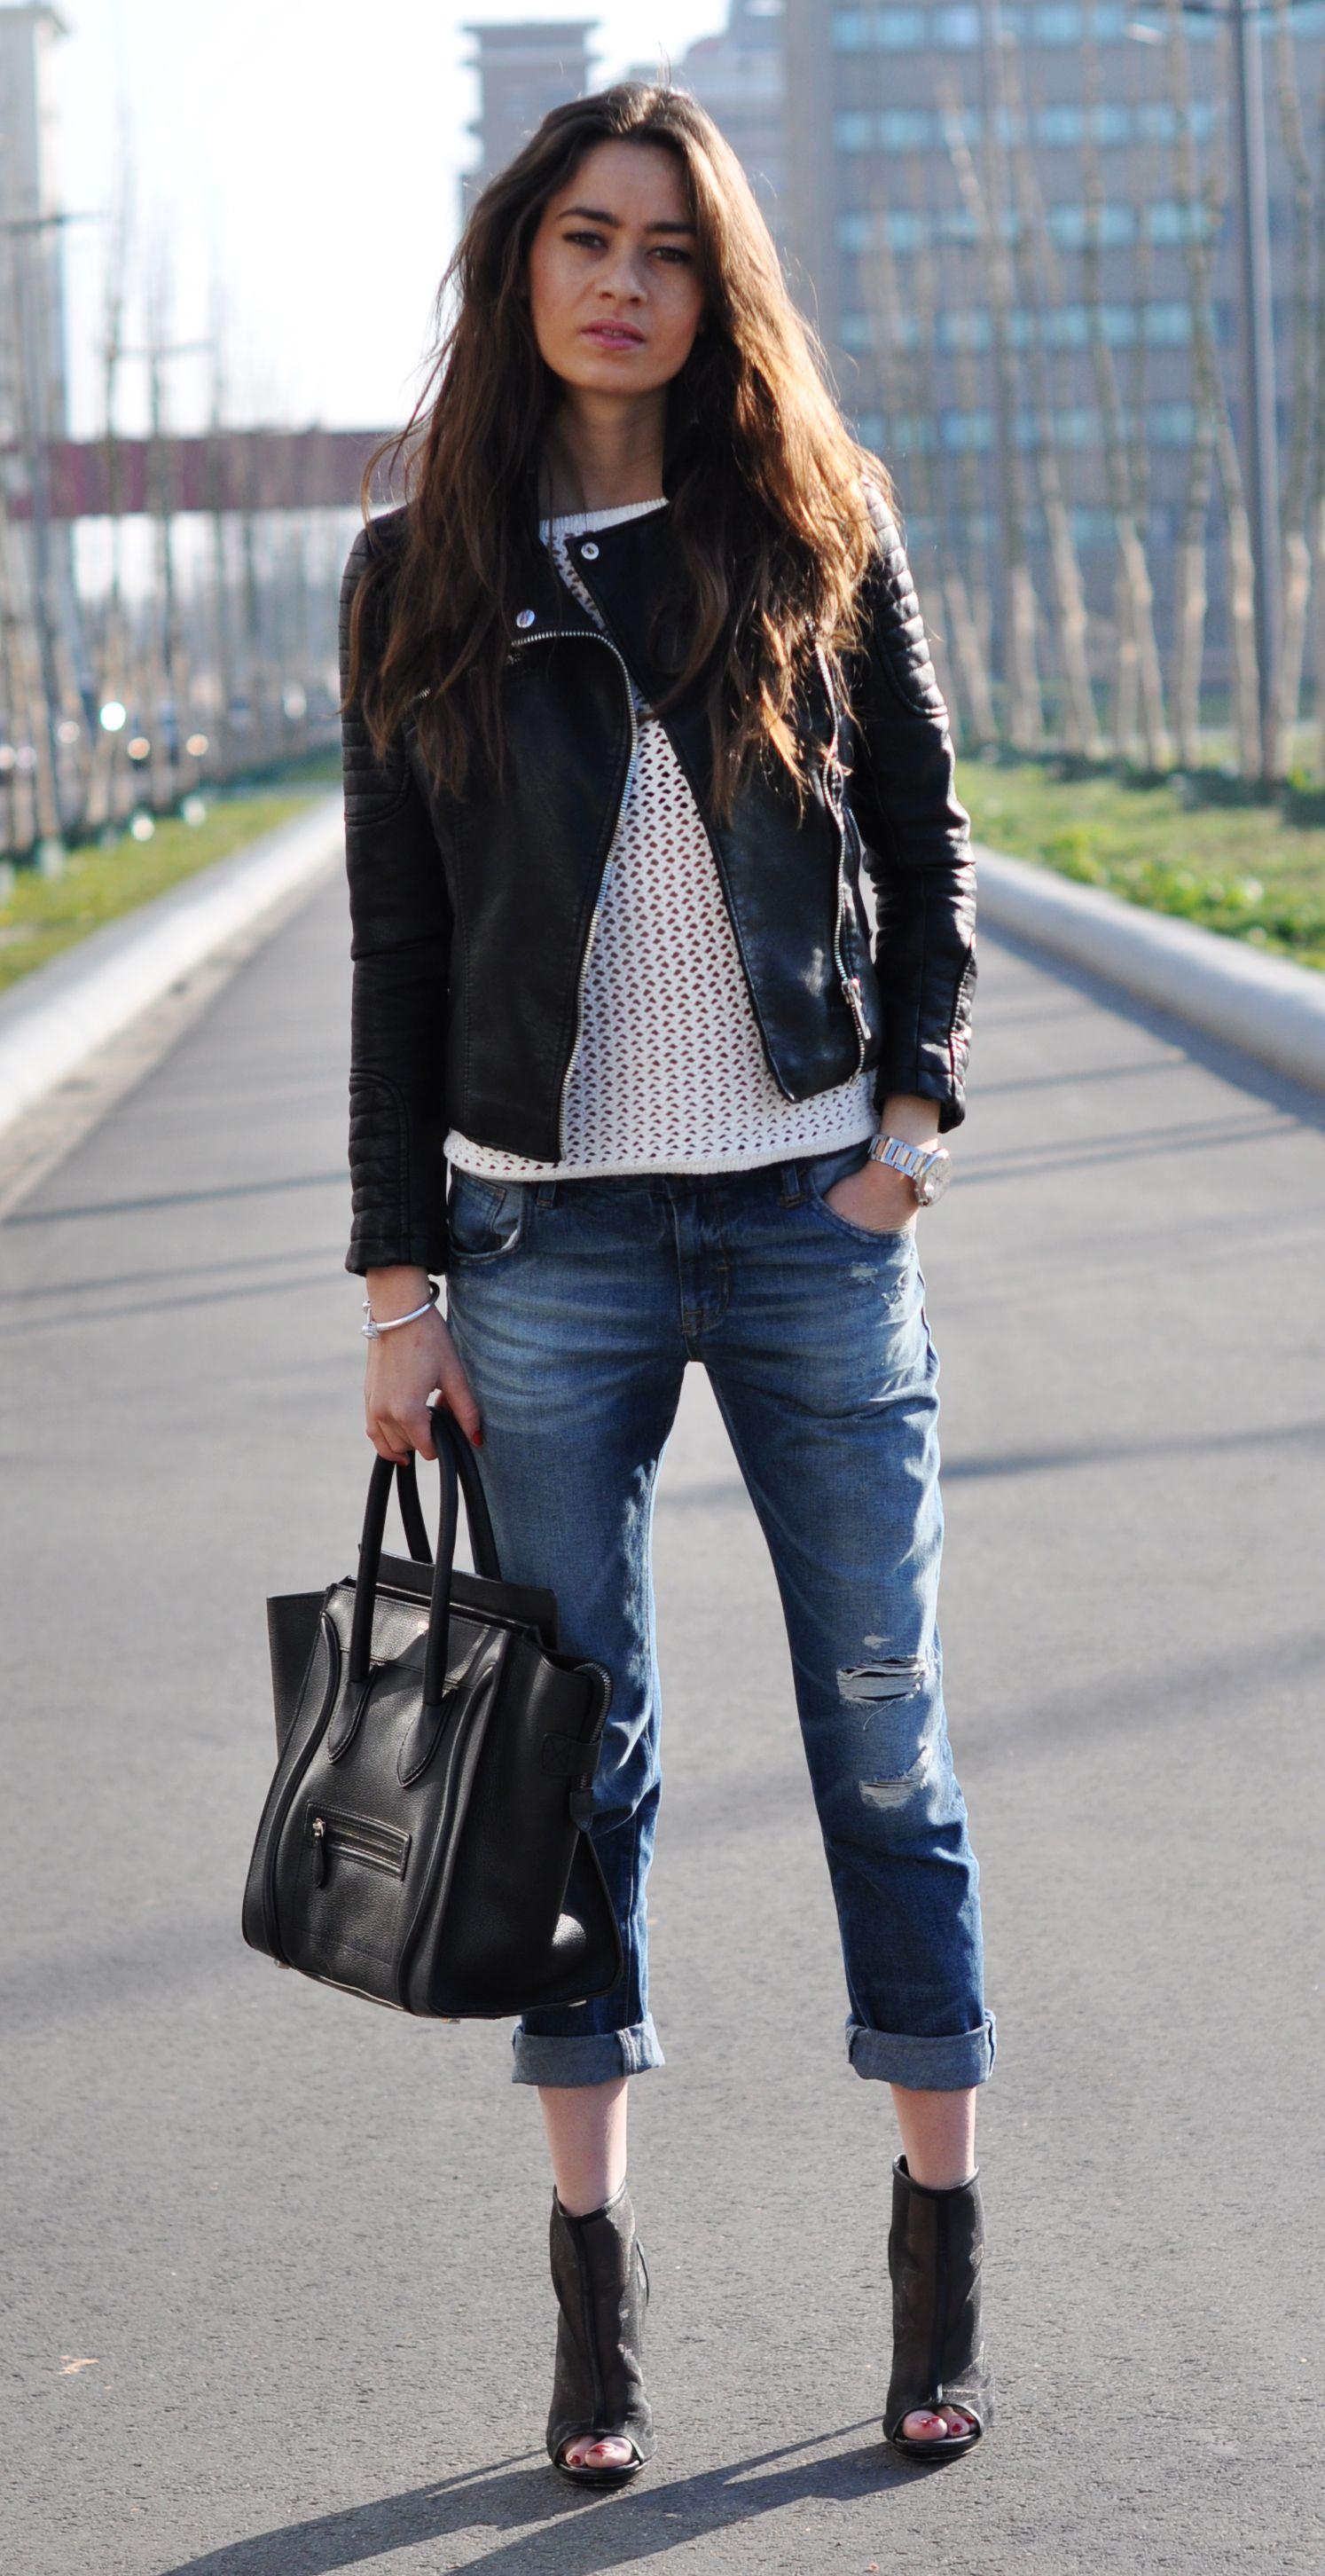 BF jeans, Leather Jacket,Celine bag